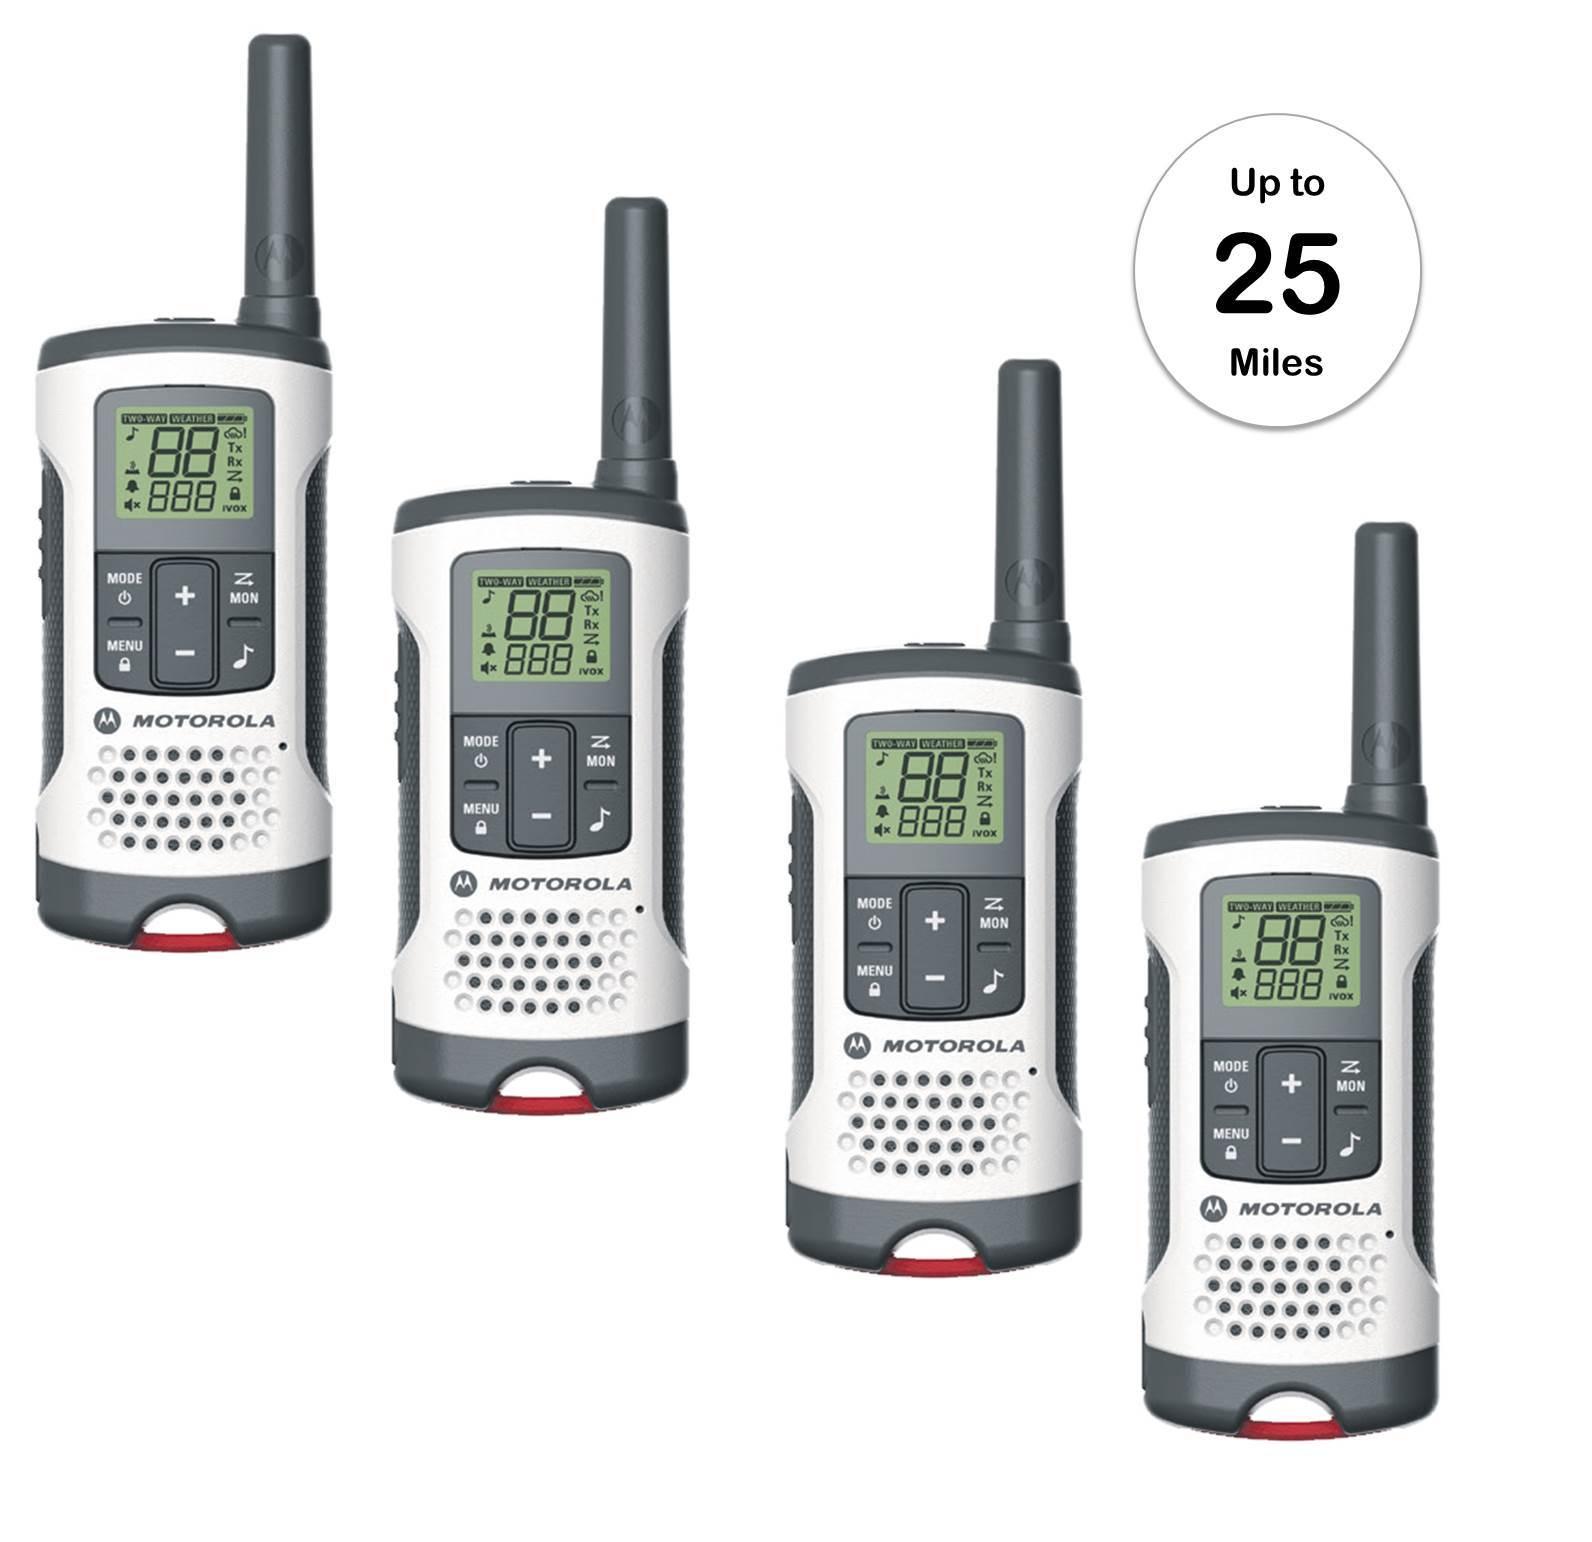 Motorola Walkie Talkie 4 PACK NOAA Weather and 50 similar items